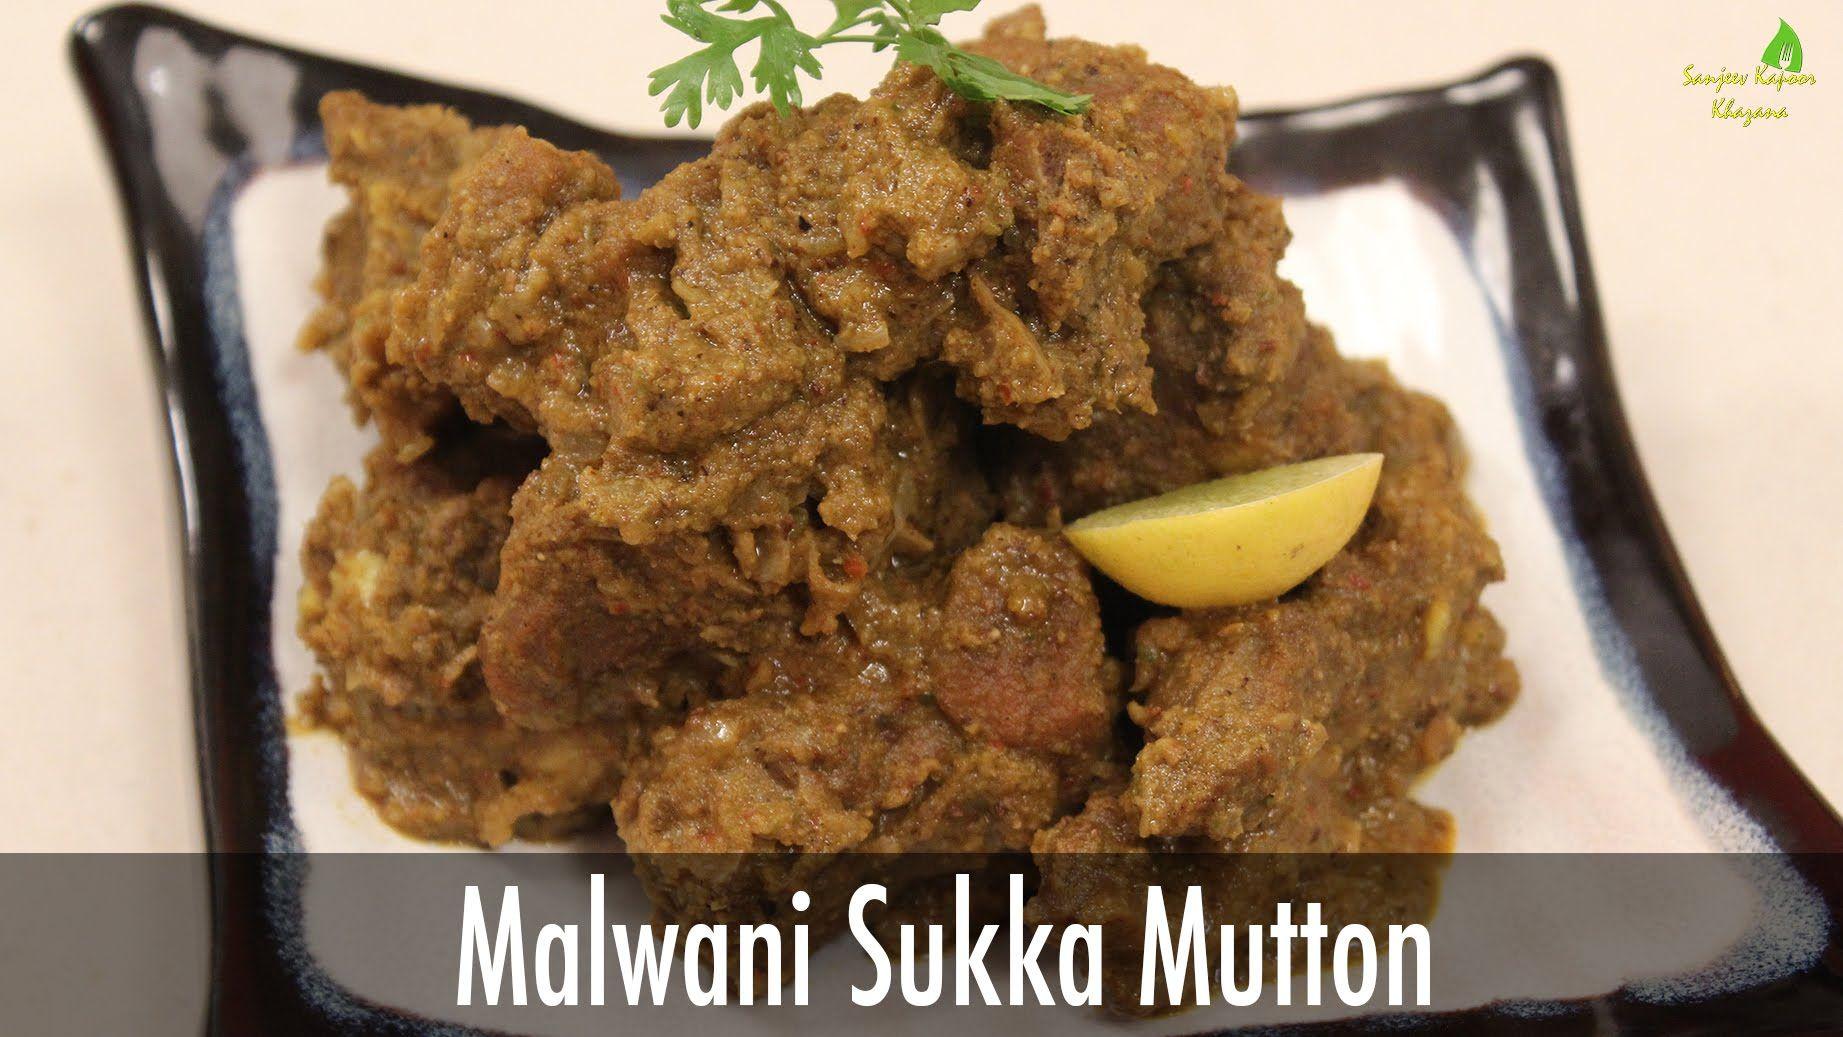 Malwani sukka mutton indian recipe sanjeev kapoor khazana malwani sukka mutton indian recipe sanjeev kapoor khazana forumfinder Image collections